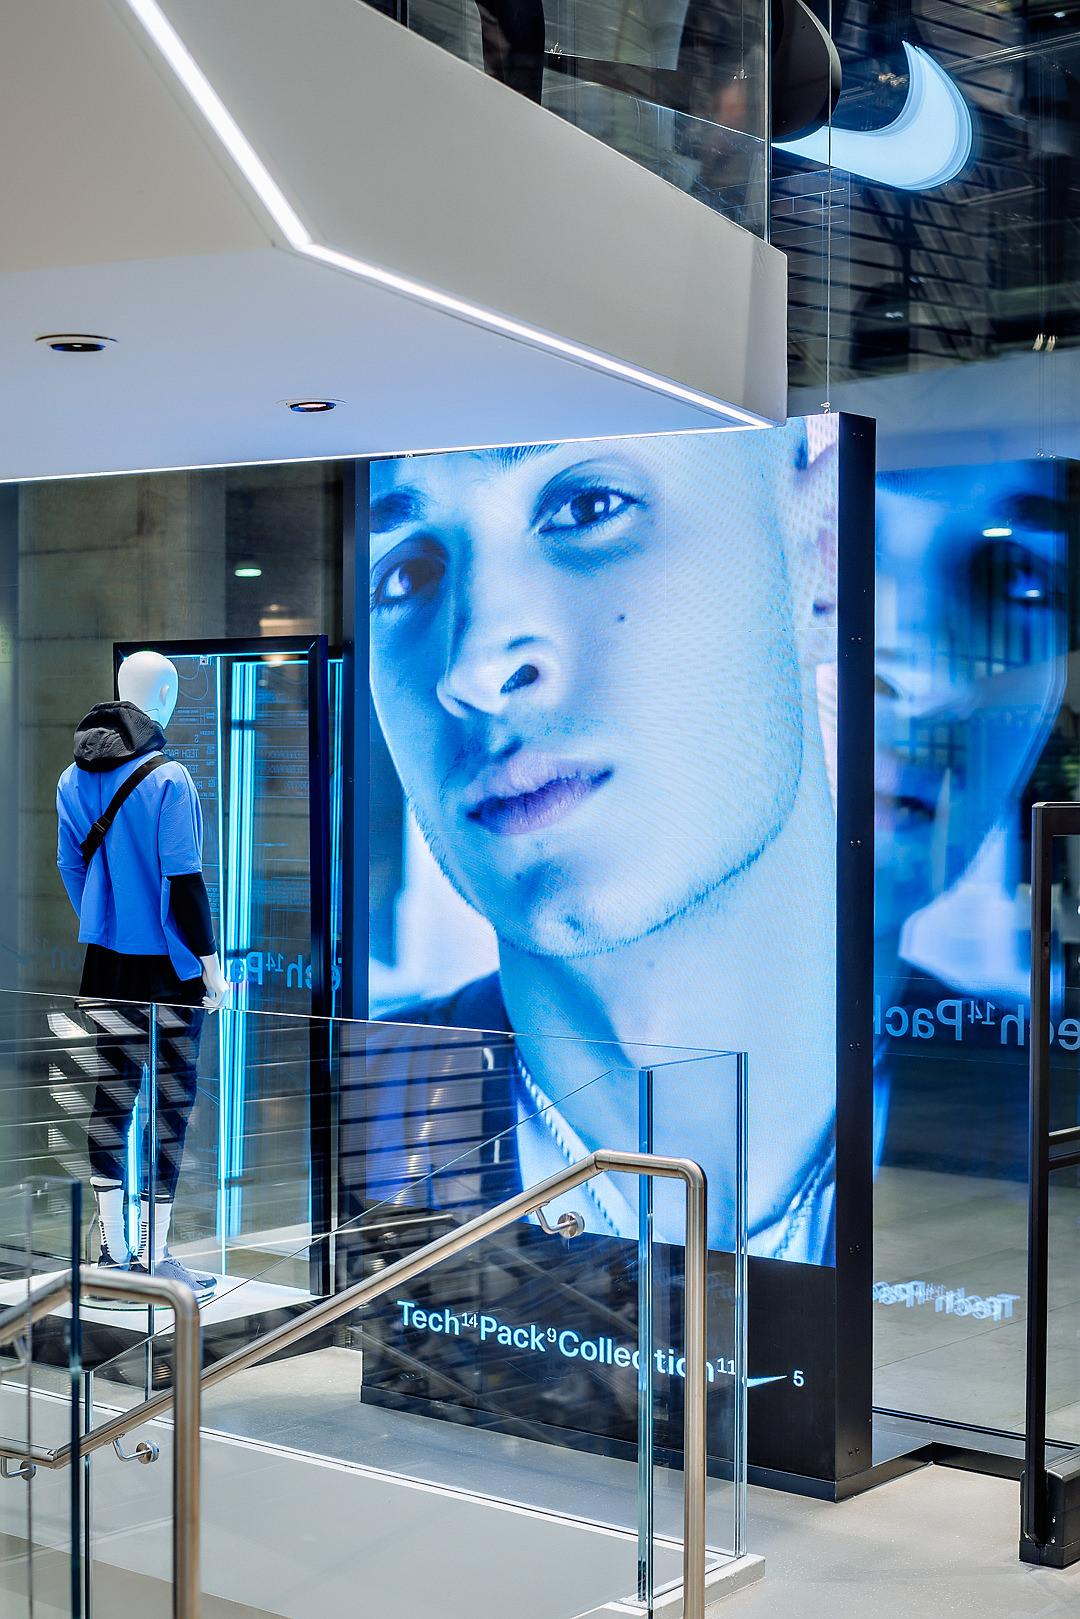 2018_09_14_Nike_Store_CVE_0177.jpg